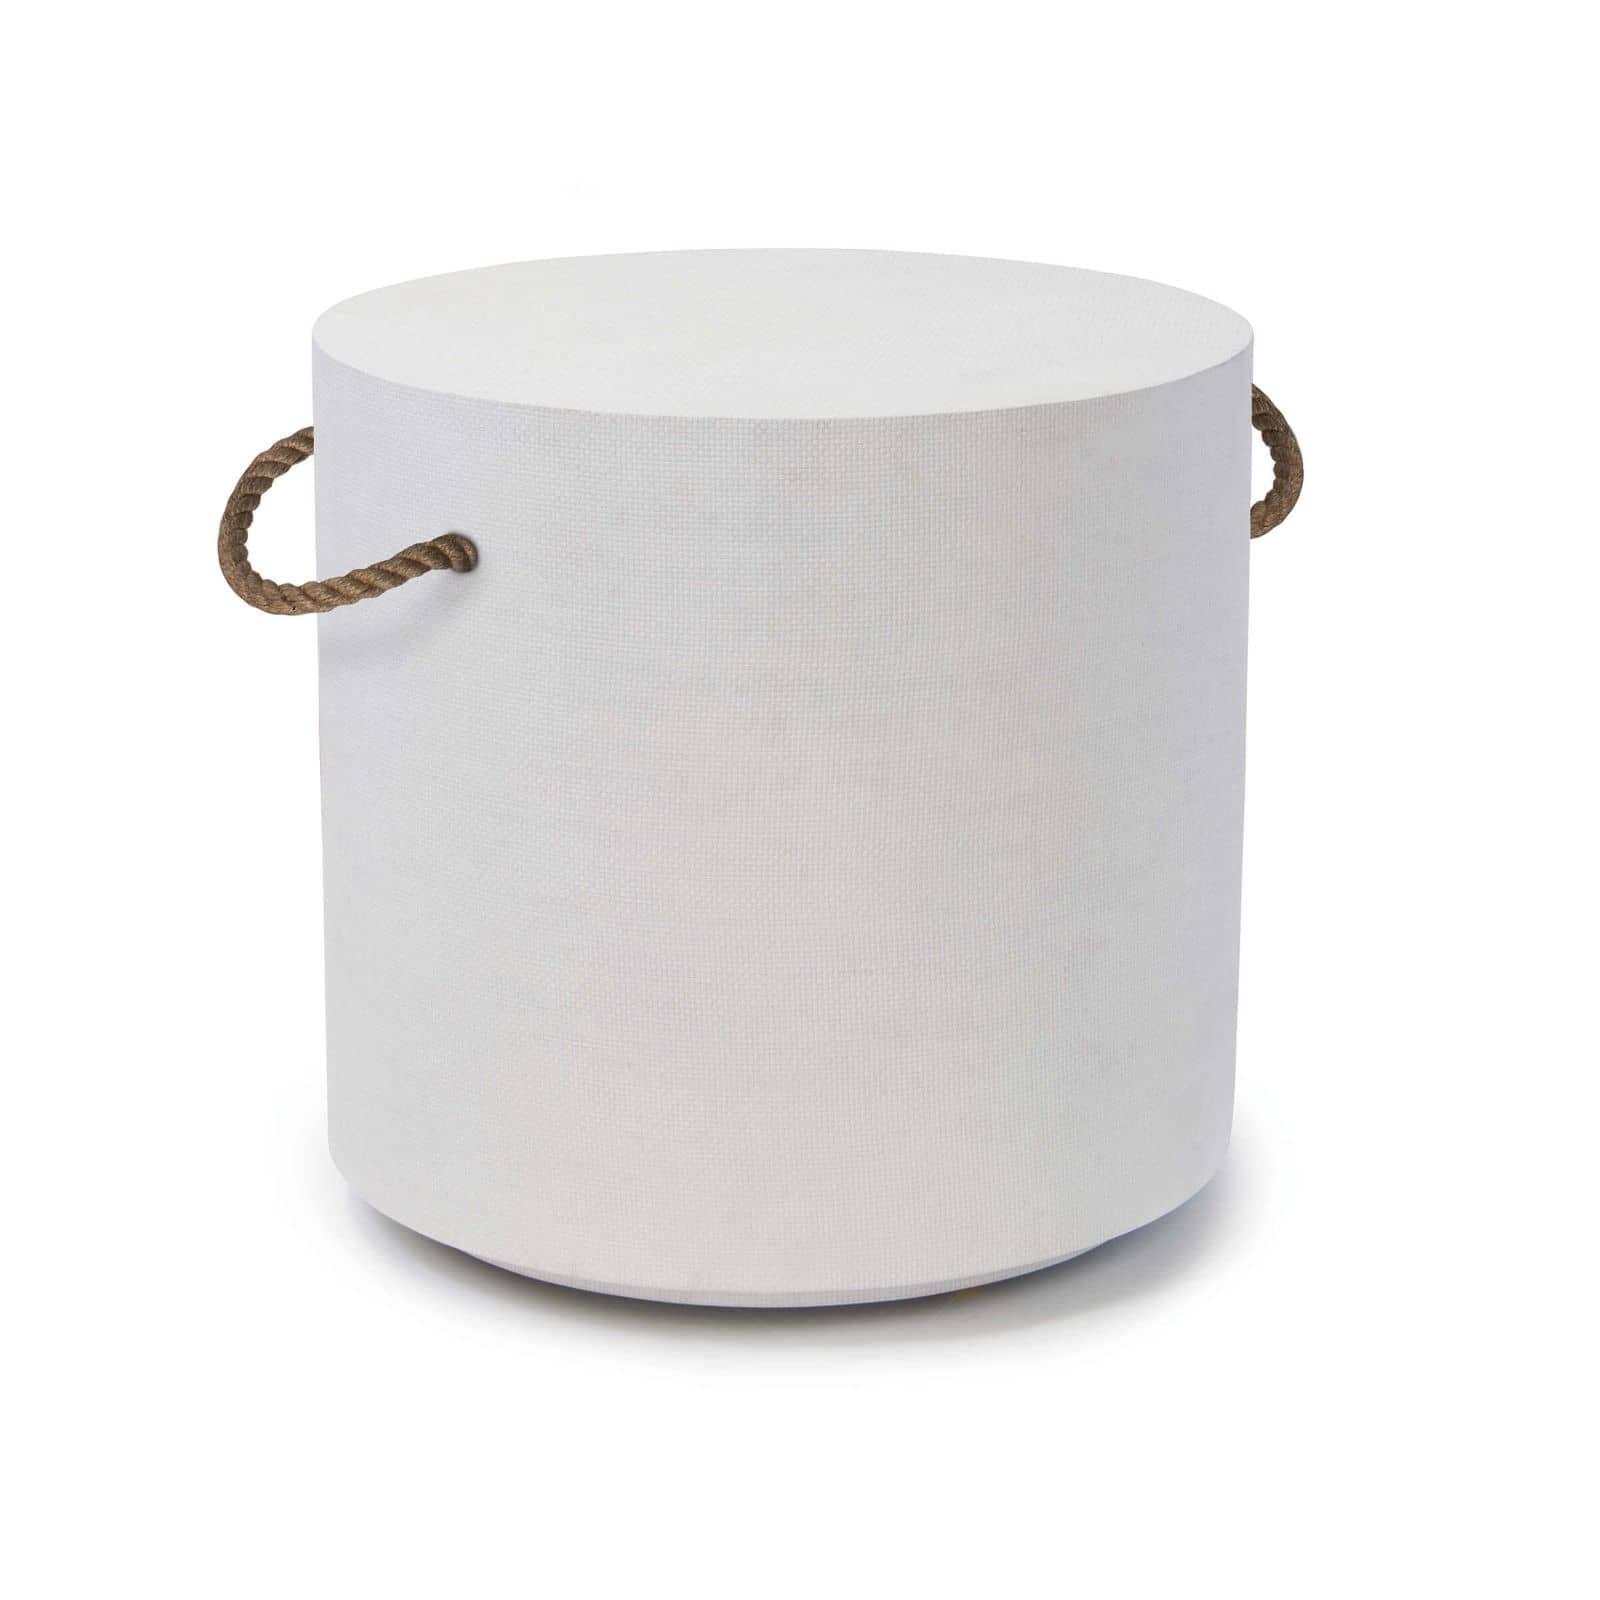 Aegean Round Table White | Regina Andrew